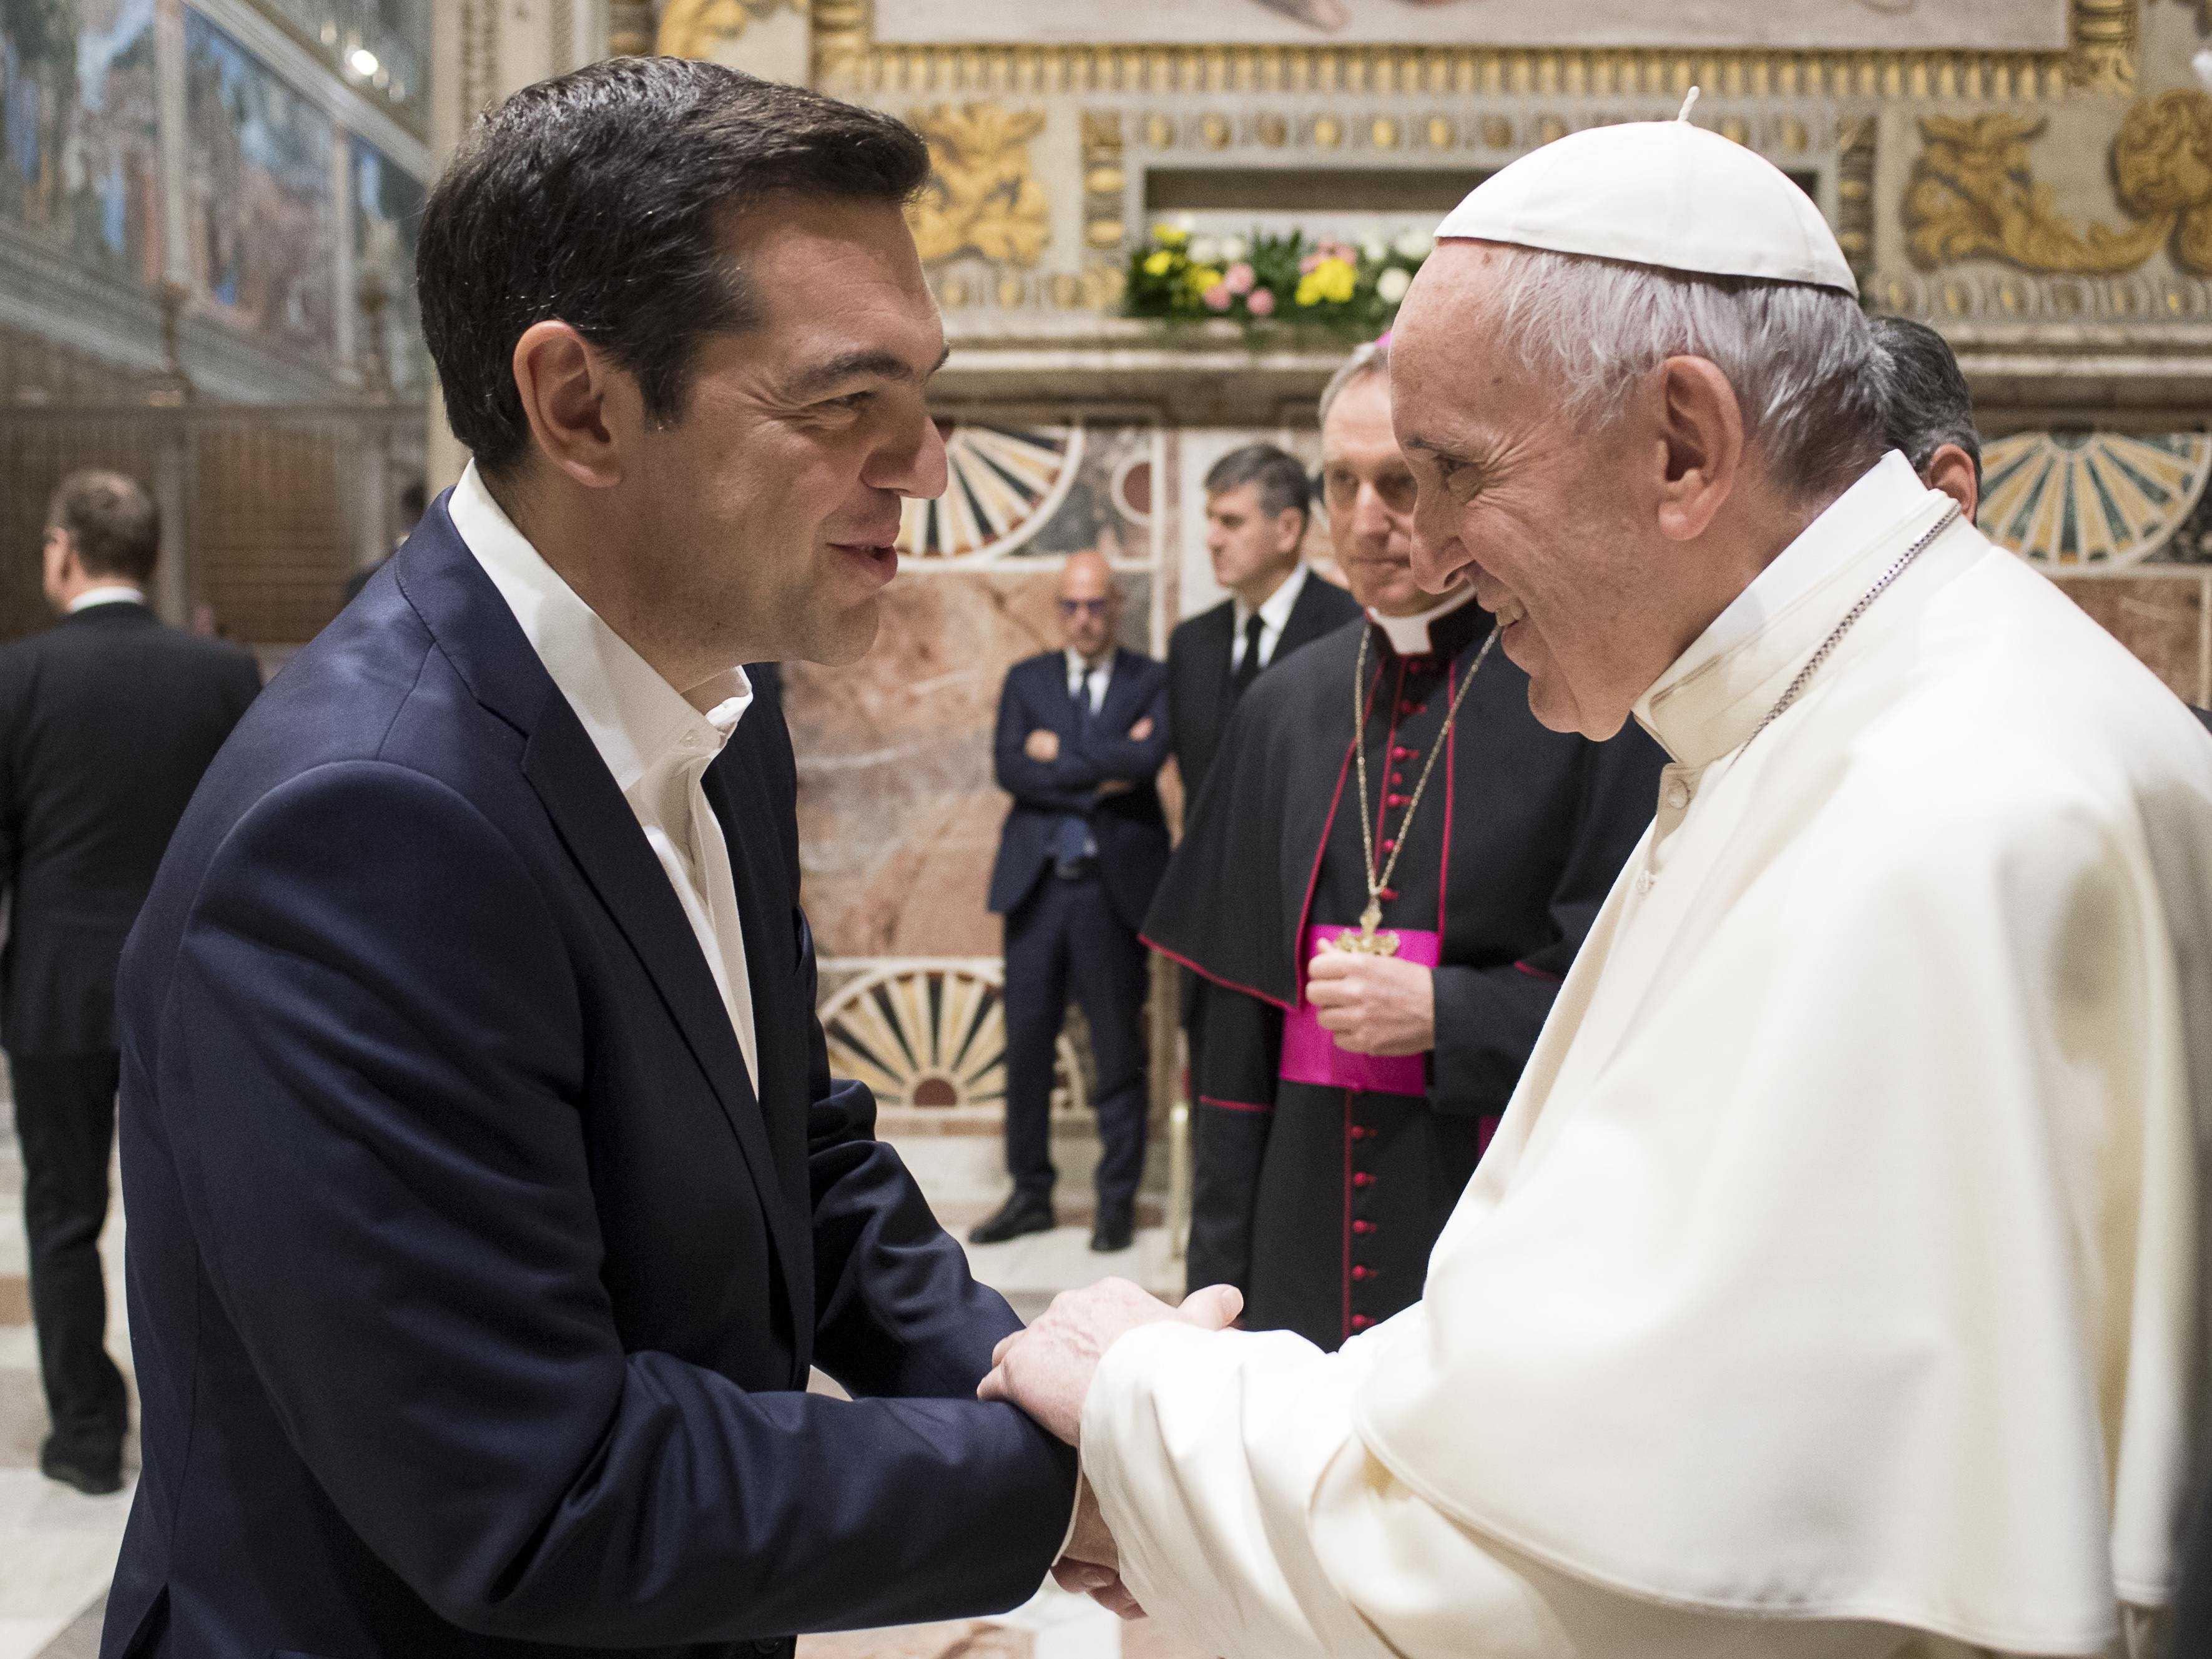 Ο Πρωθυπουργός στη Ρώμη για τα 60 χρόνια από την ίδρυση της Ευρωπαϊκής Ένωσης